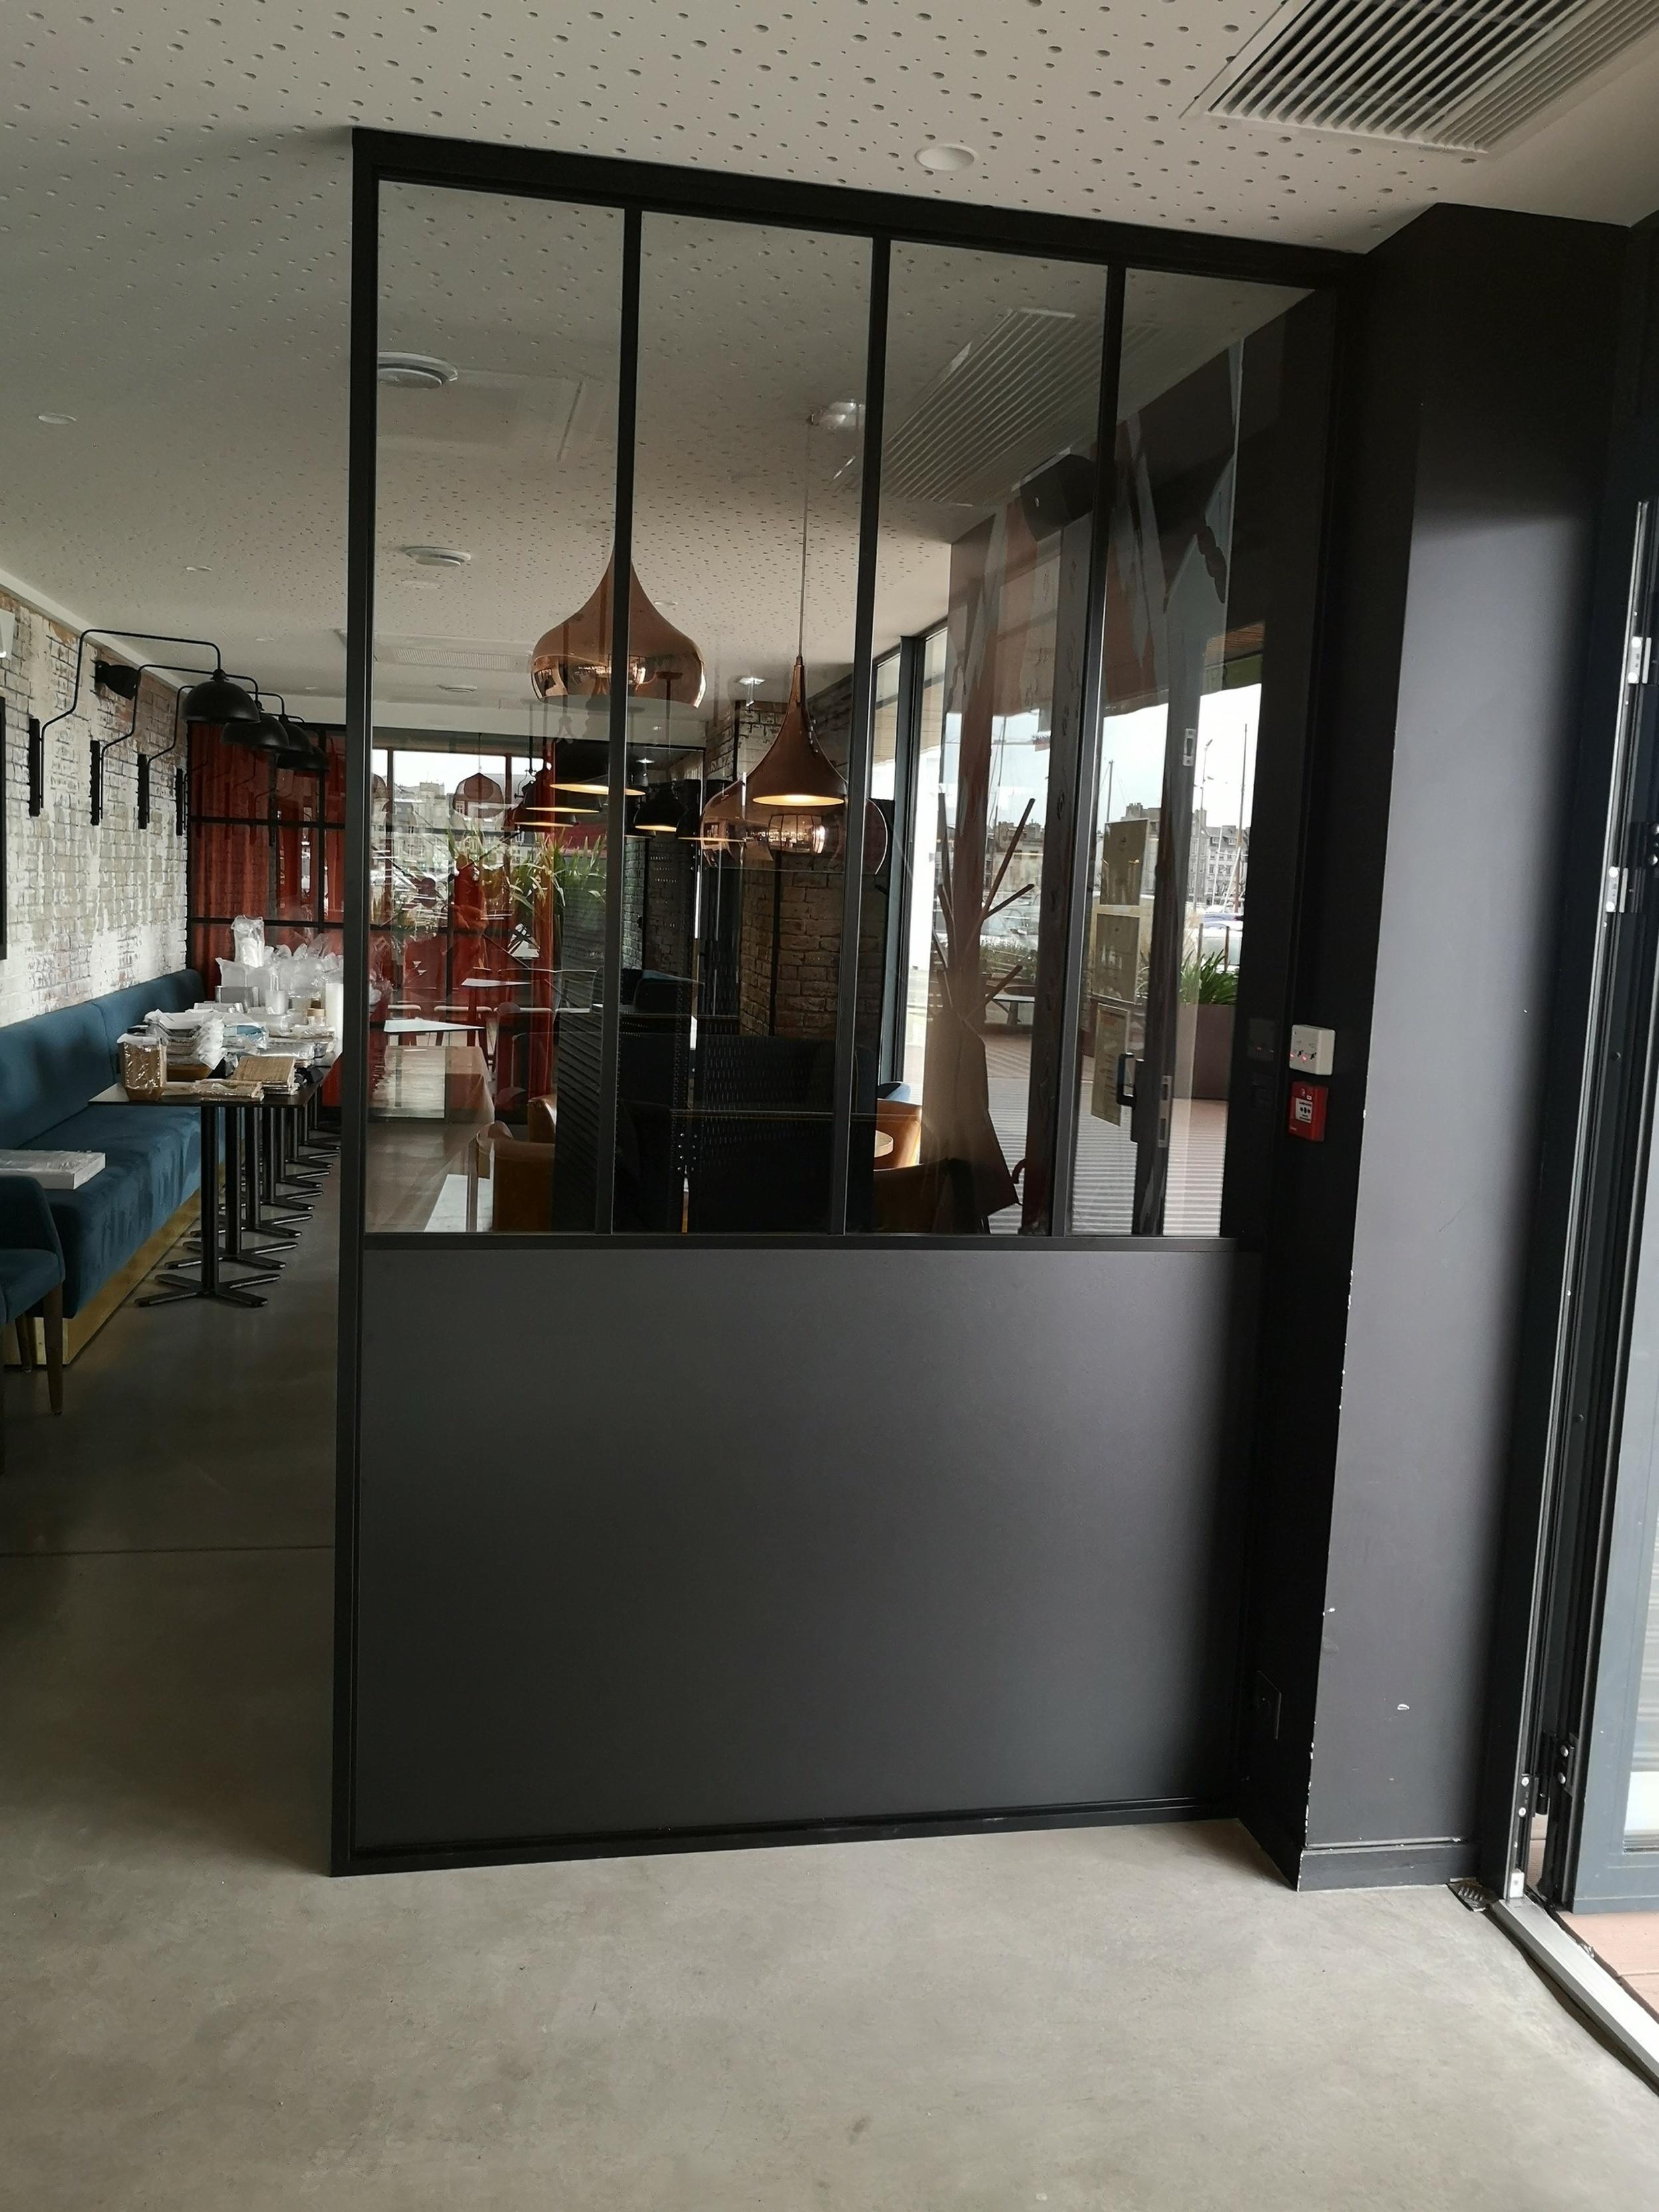 Installation d''un verrière séparative en métal noir